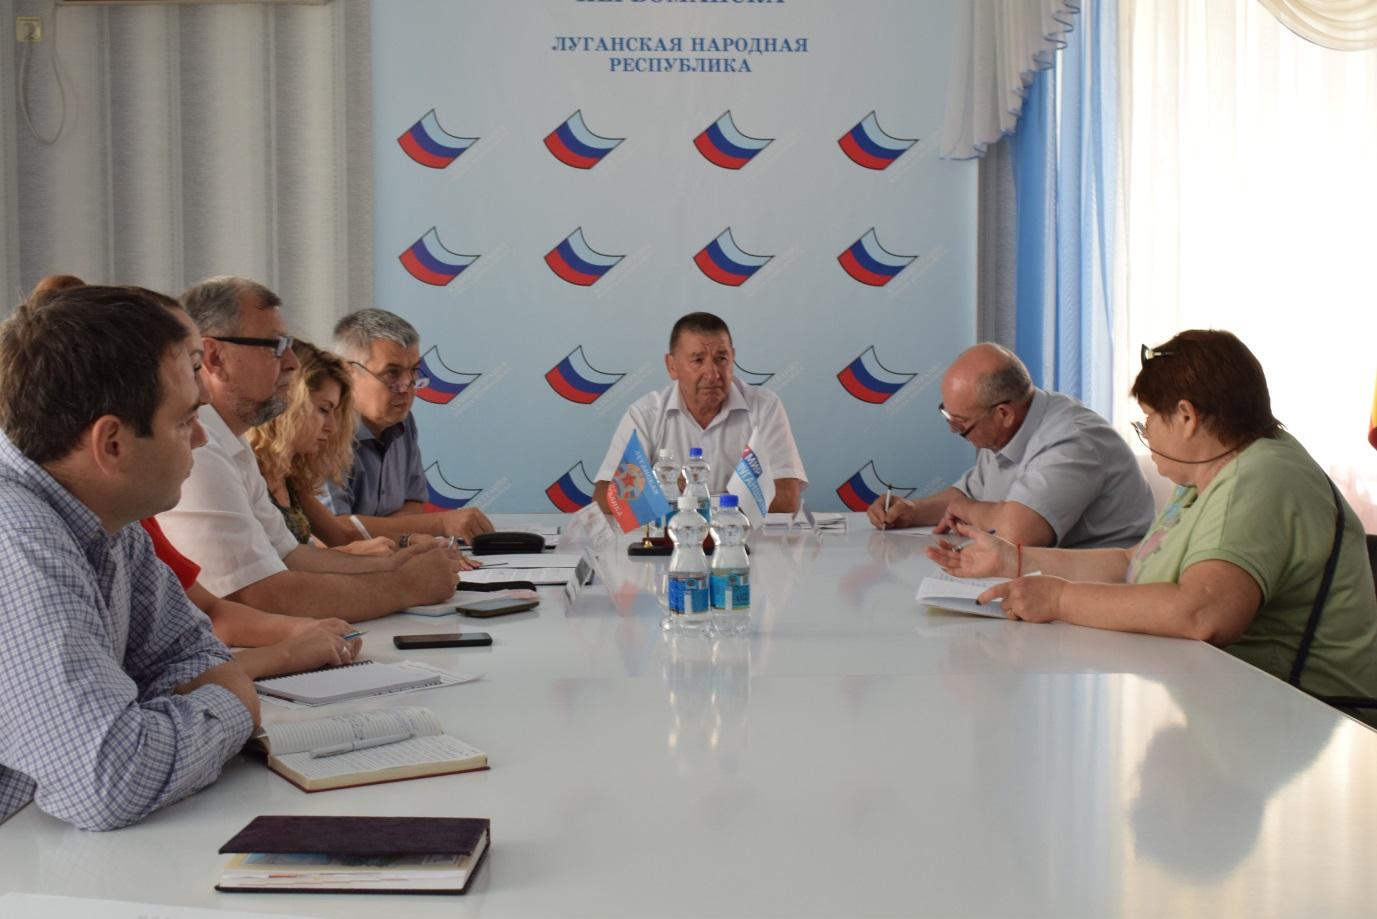 Исполняющий обязанности первого заместителя Министра здравоохранения ЛНР провел встречу с первомайцами 1